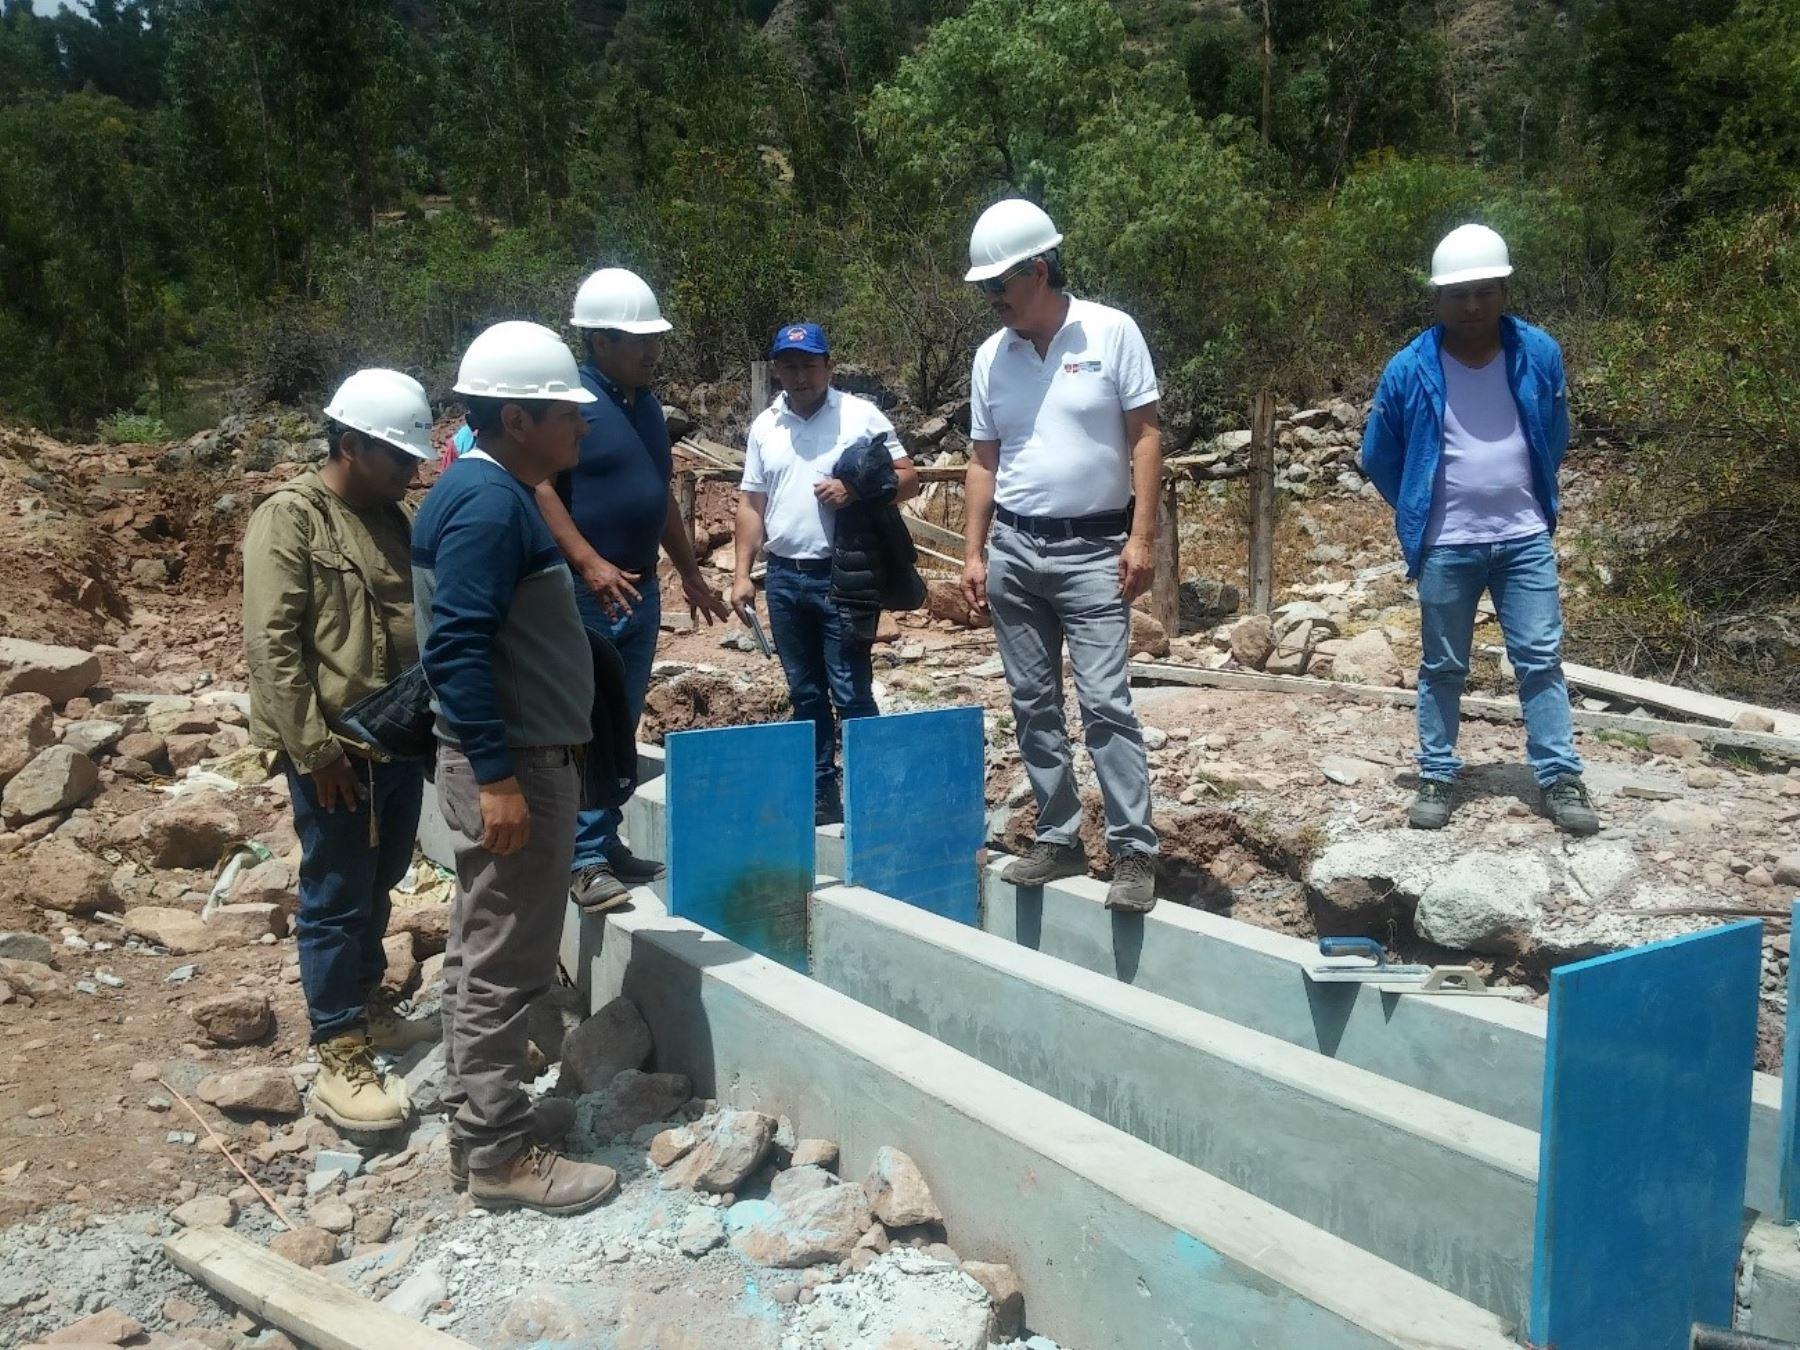 Ministerio de Vivienda invierte S/ 6.1 millones en obra de saneamiento en Huancaray, Apurímac. ANDINA/Difusión